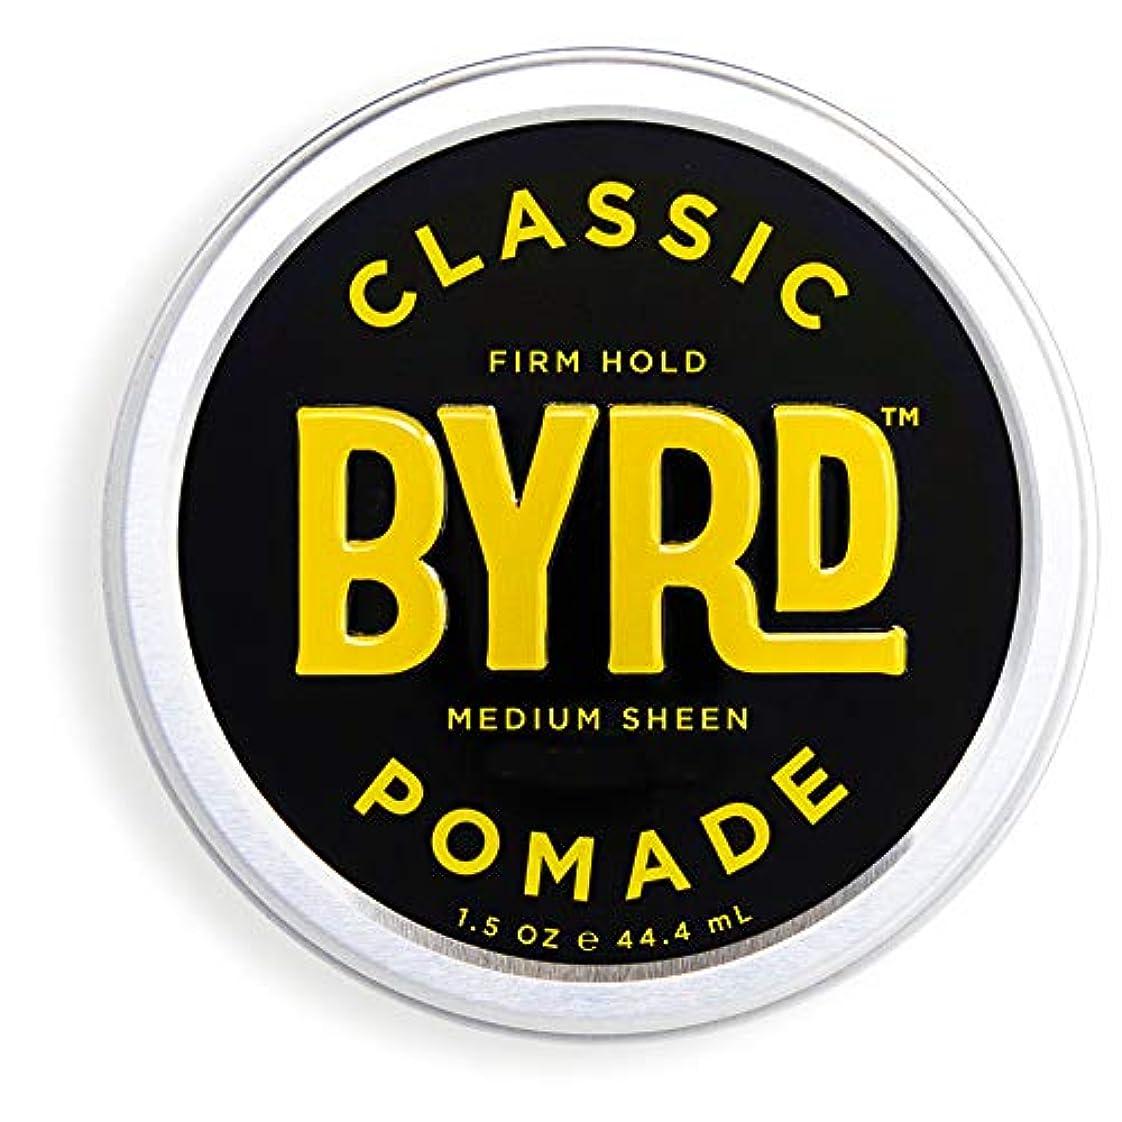 BYRD(バード)  クラシックポマード 28g